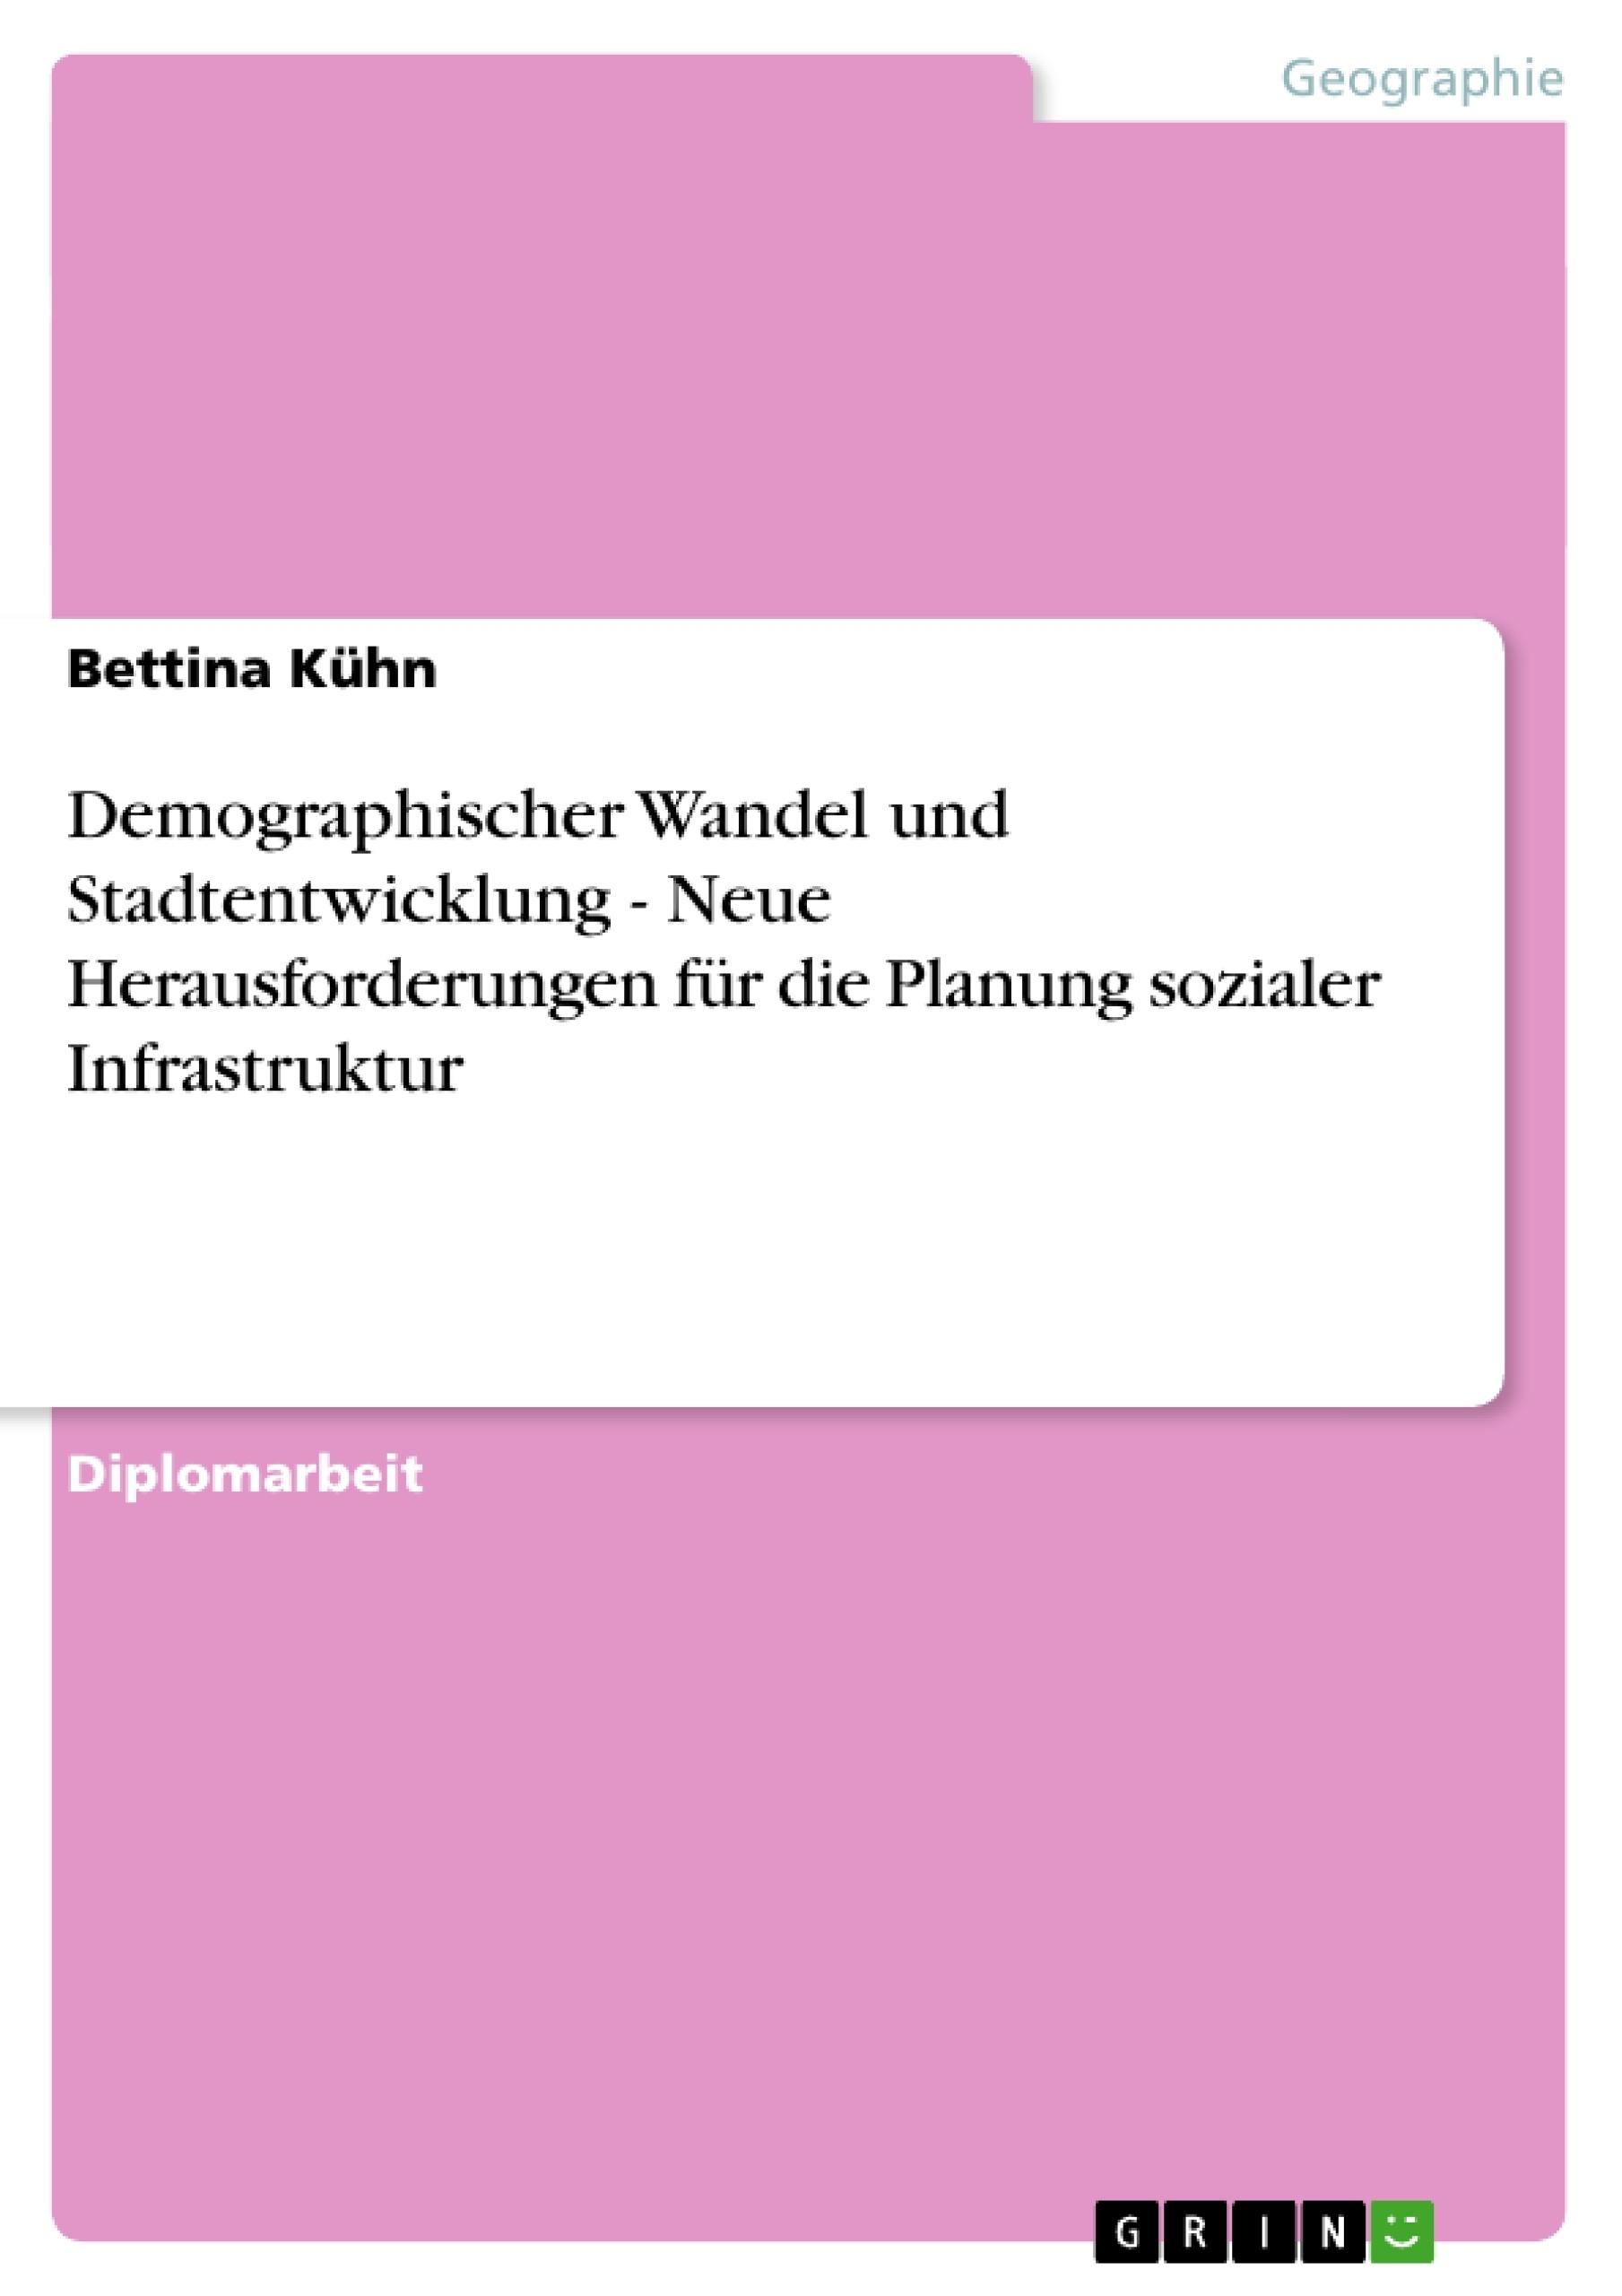 Titel: Demographischer Wandel und Stadtentwicklung - Neue Herausforderungen für die Planung sozialer Infrastruktur